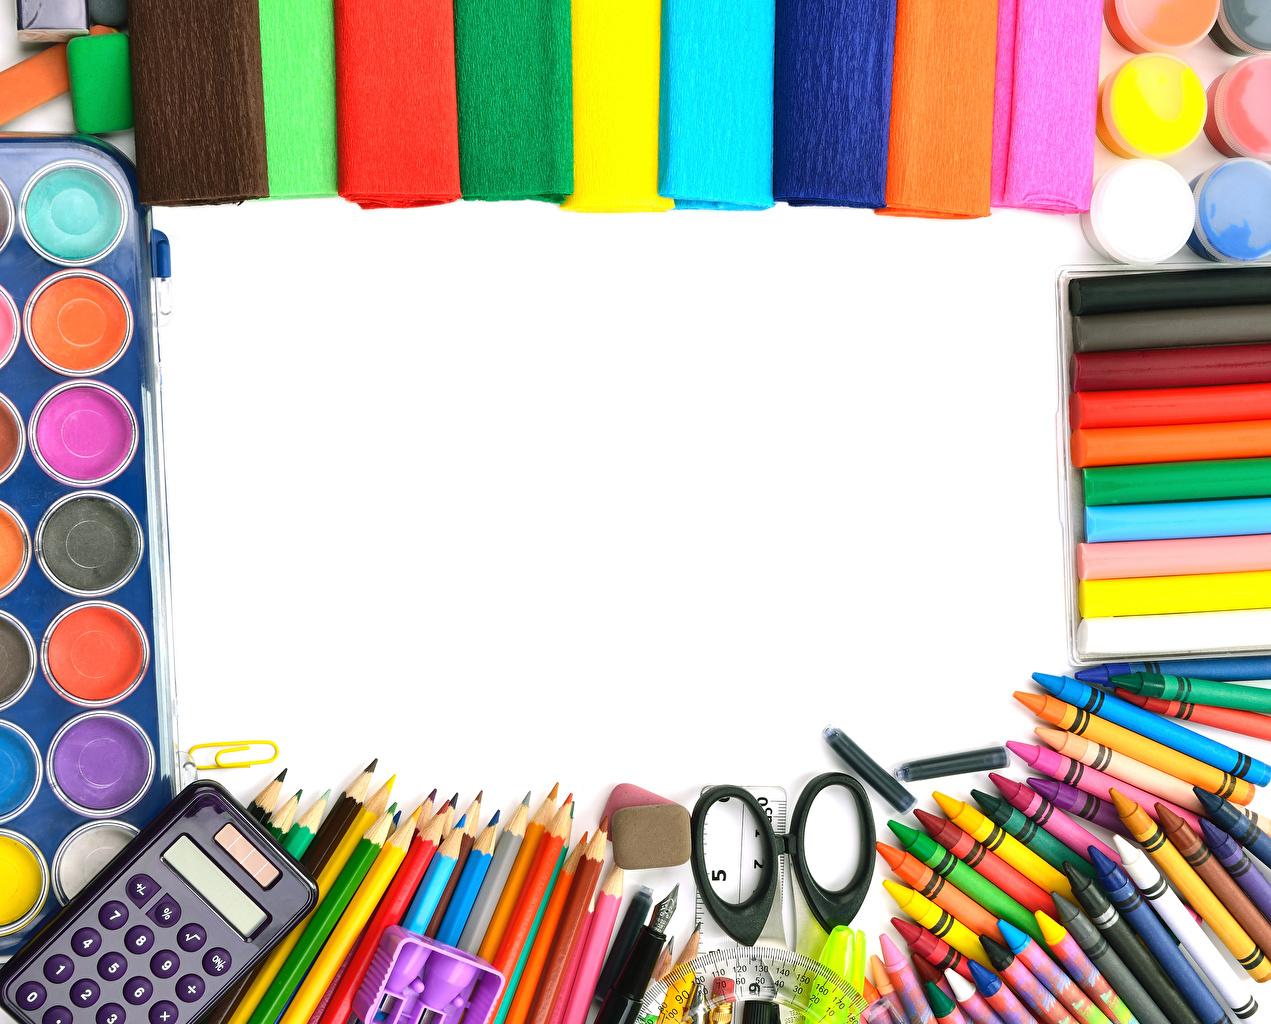 Фото Канцелярские товары Школа карандашей Шариковая ручка Разноцветные Шаблон поздравительной открытки школьные карандаш Карандаши карандаша